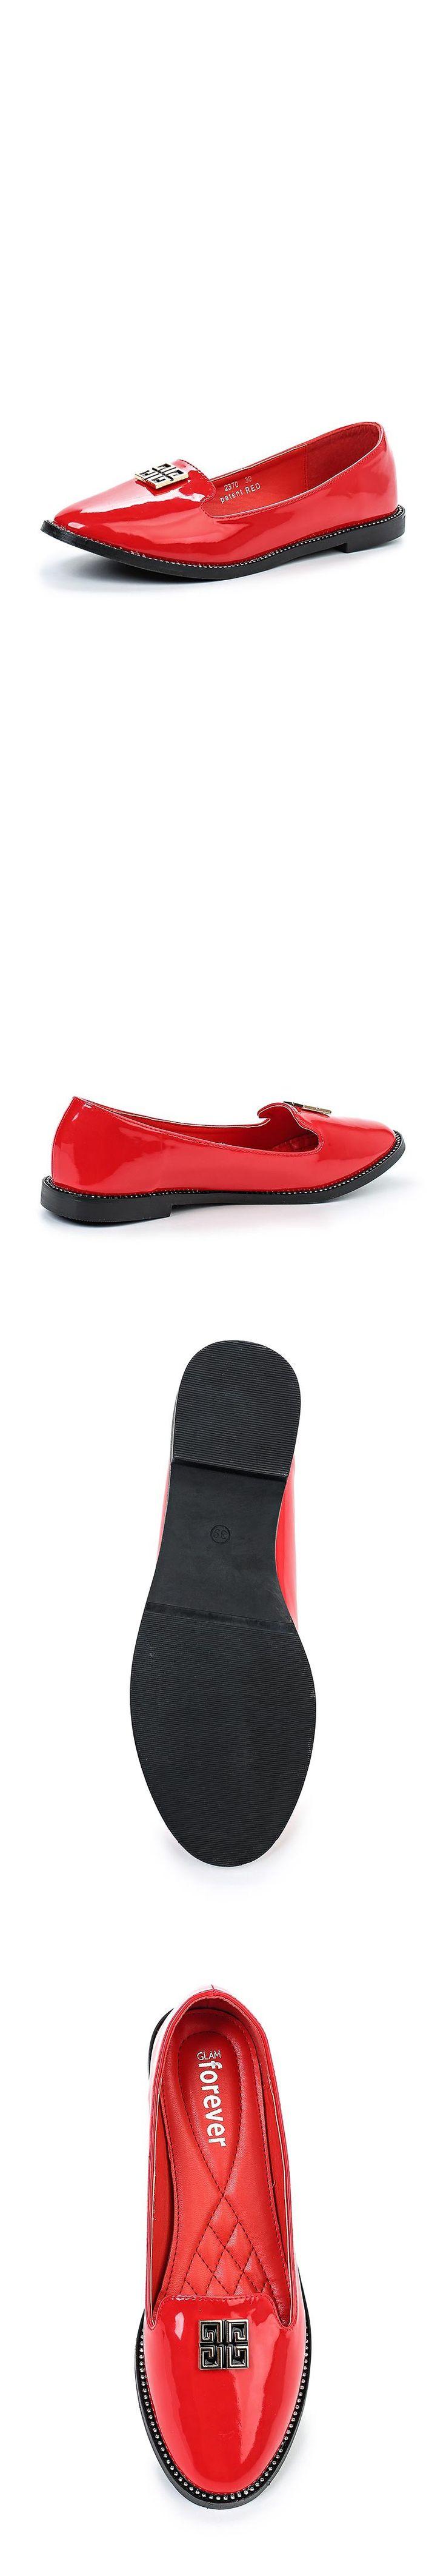 Женская обувь лоферы GLAMforever за 3350.00 руб.